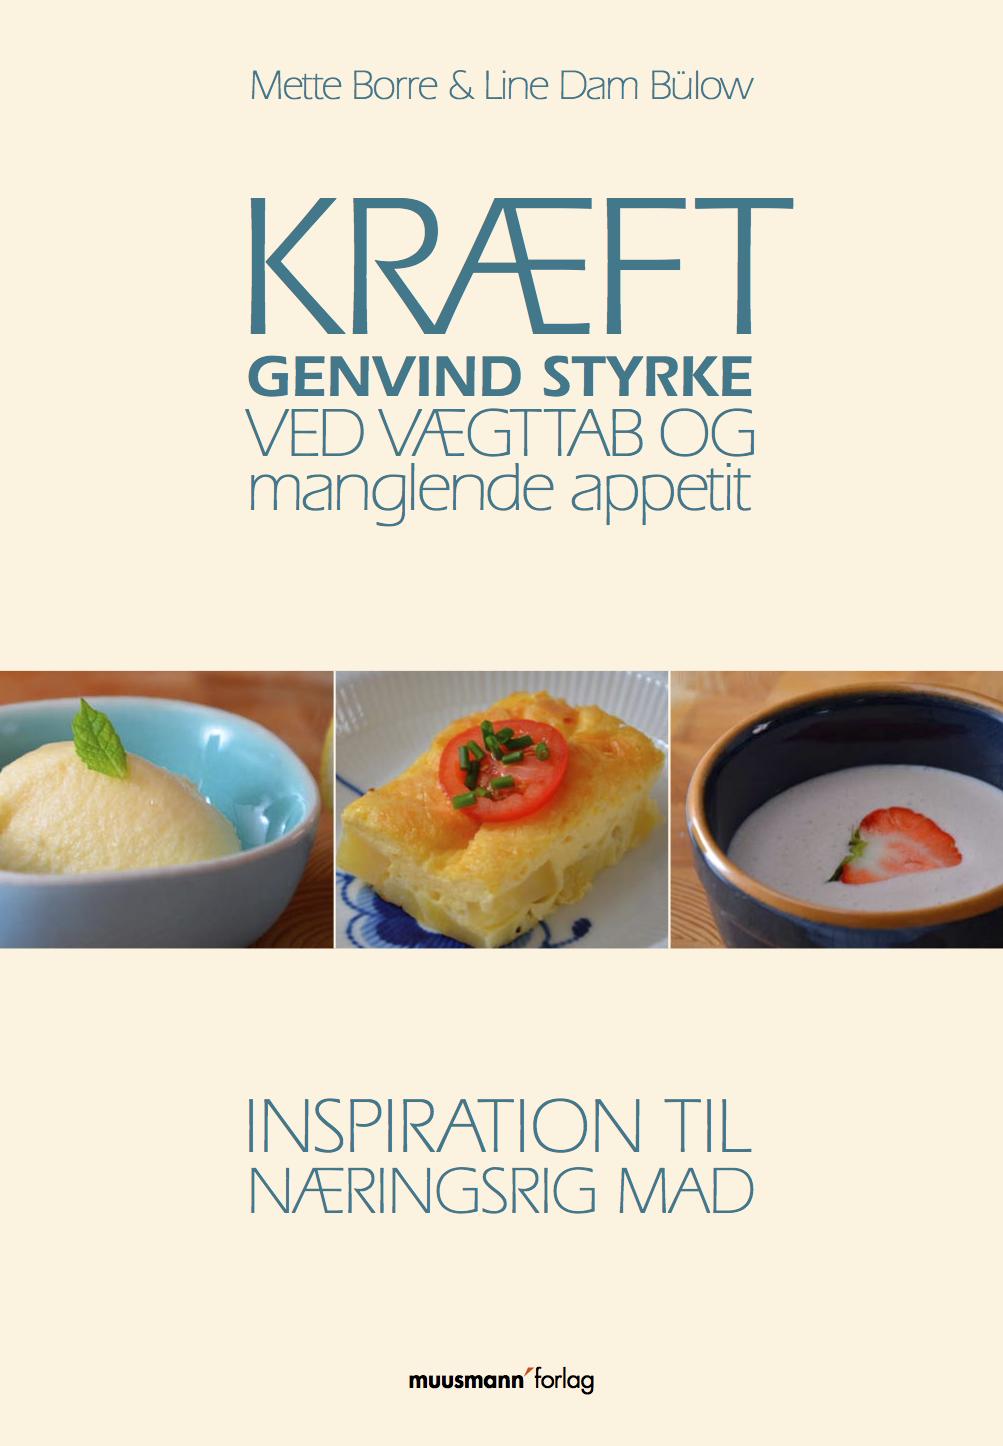 Kraeft-forside-k3.png